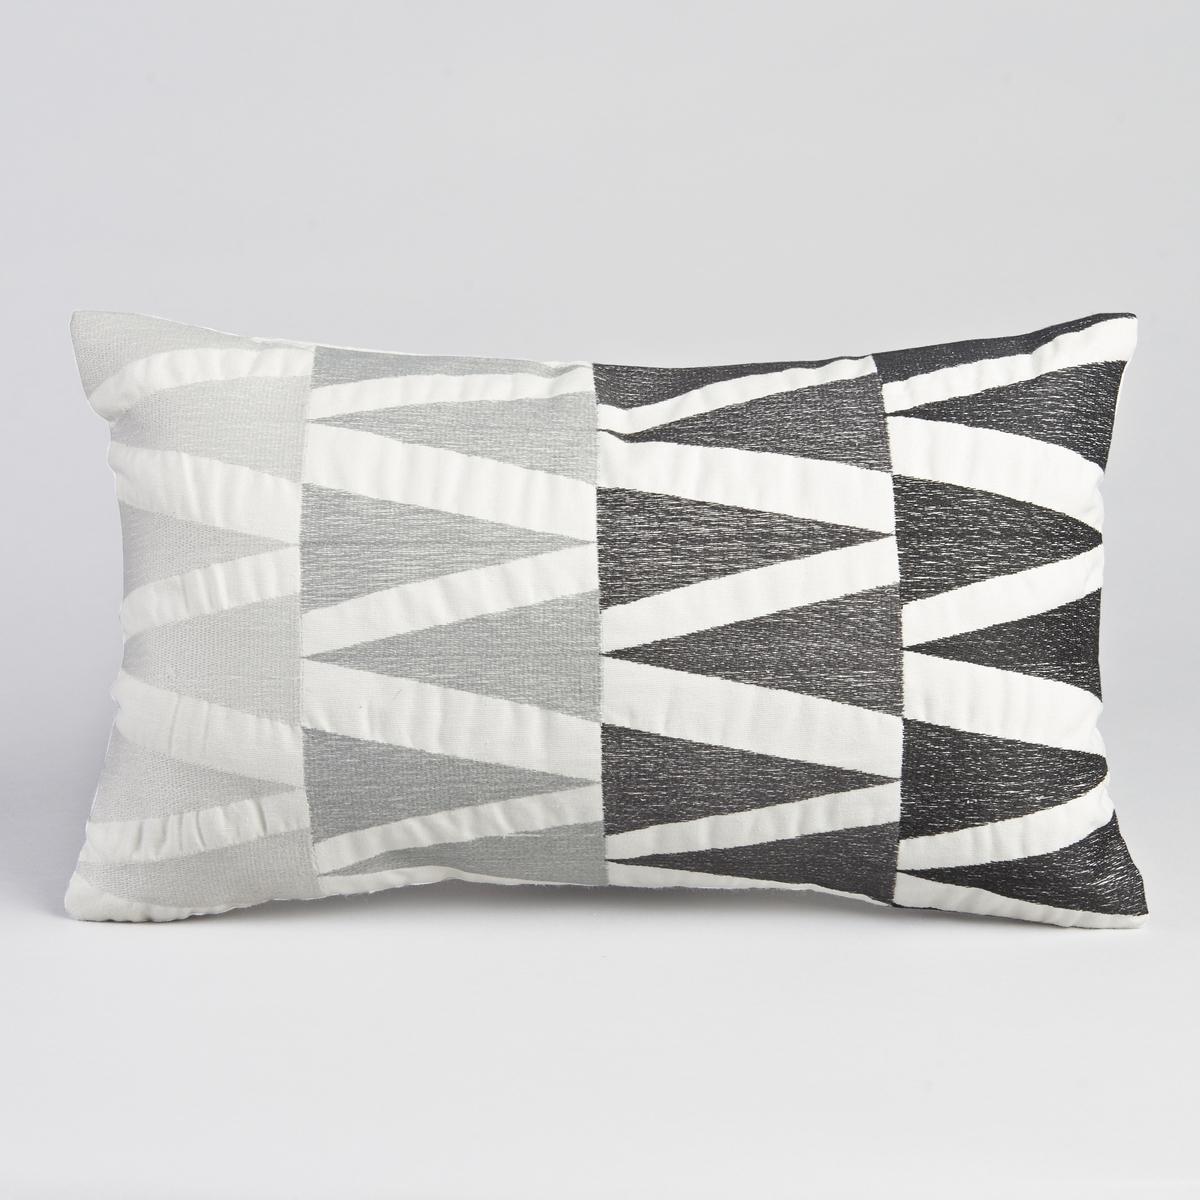 Чехол для подушки NorigПринт - геометрический рисунок.  Застежка на молнию. Материал :- 100% хлопка.Размер :- 50 x 30см.<br><br>Цвет: синий